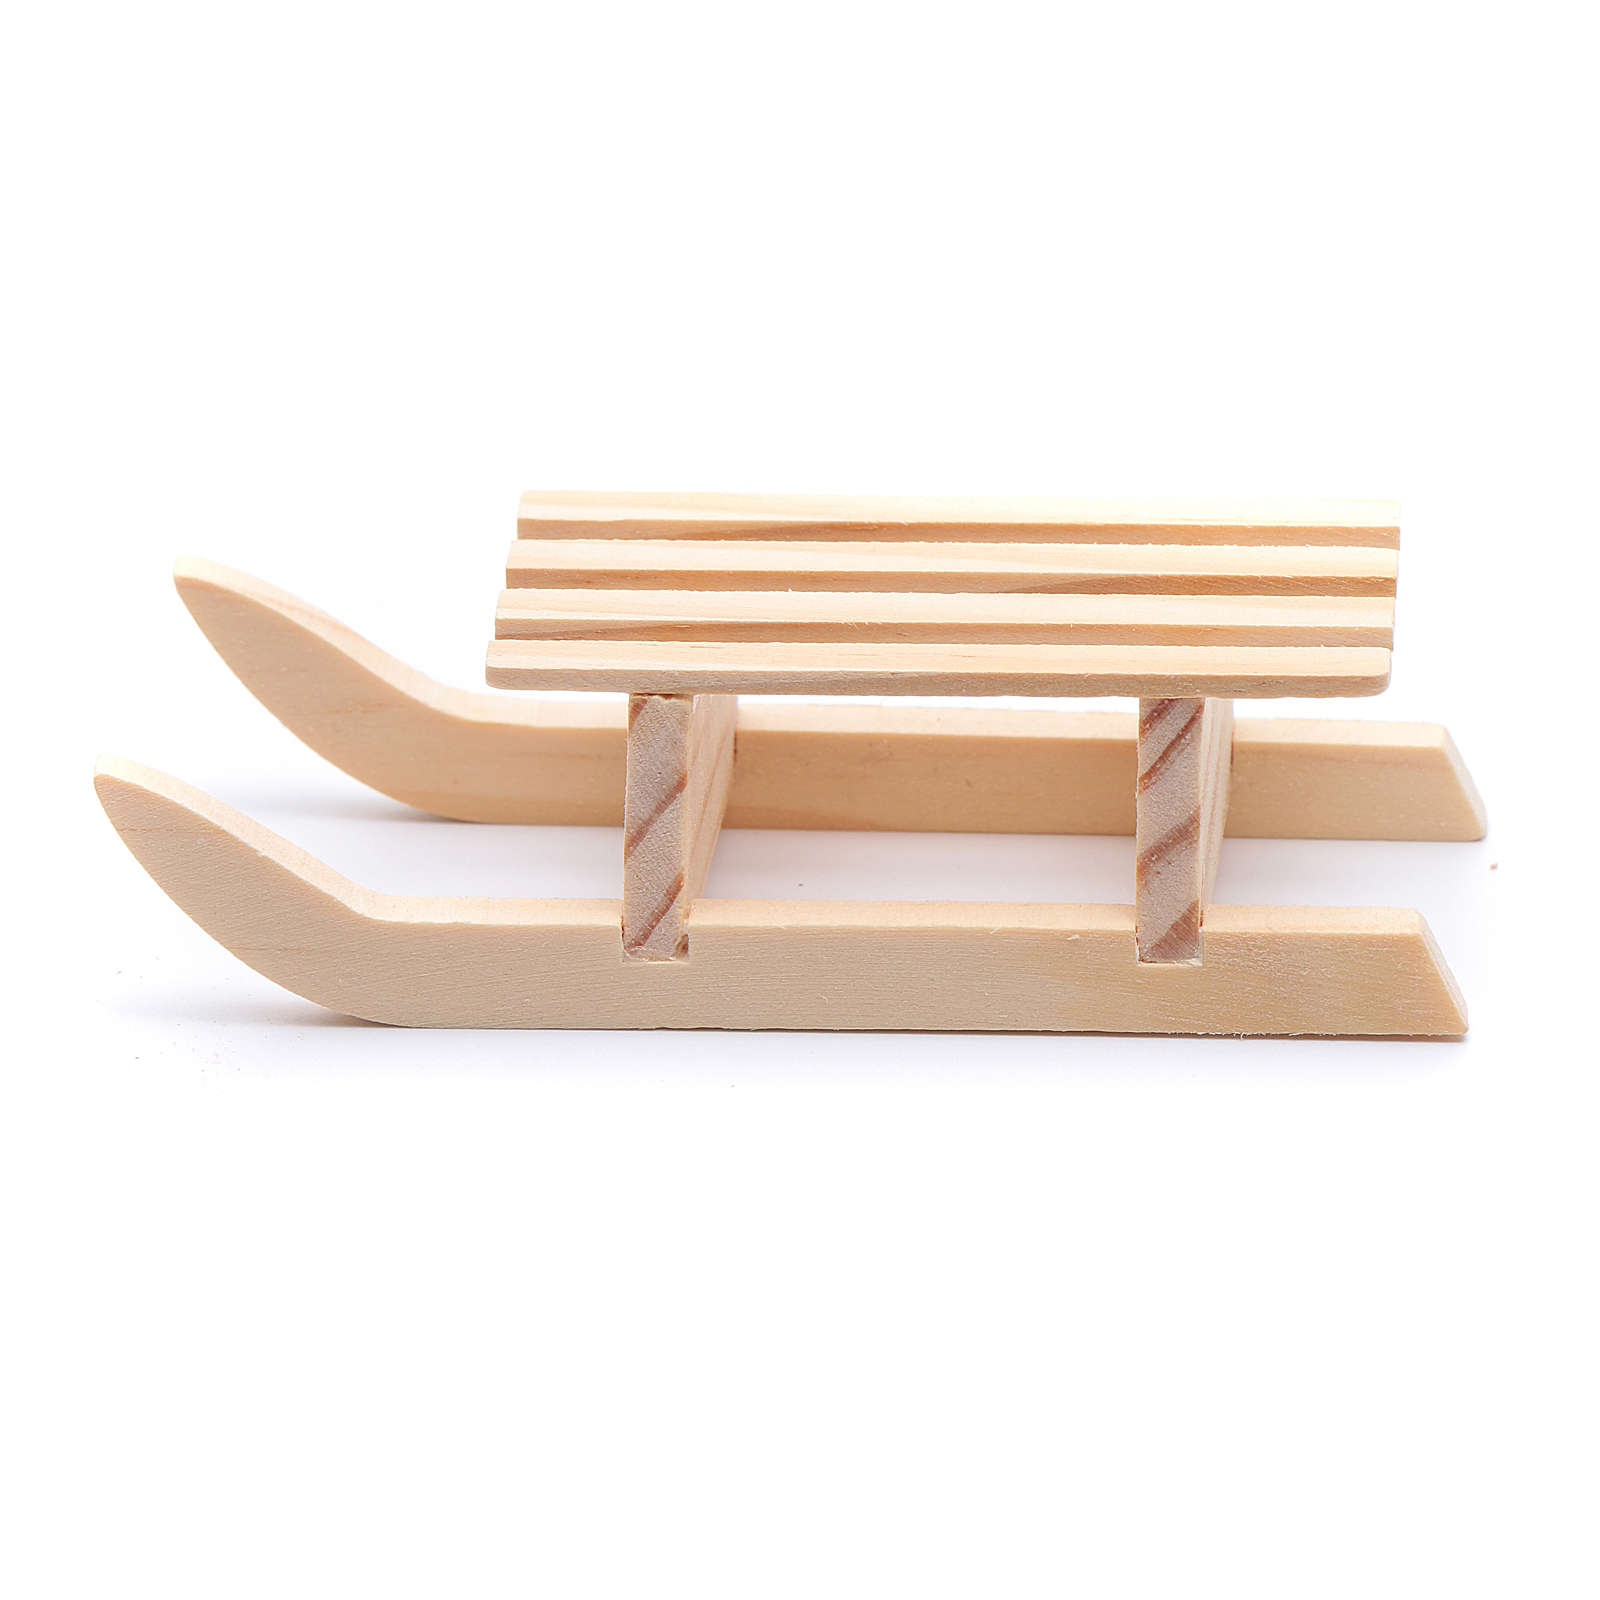 Traineau 3x10x4,5 cm bois pour crèche 4